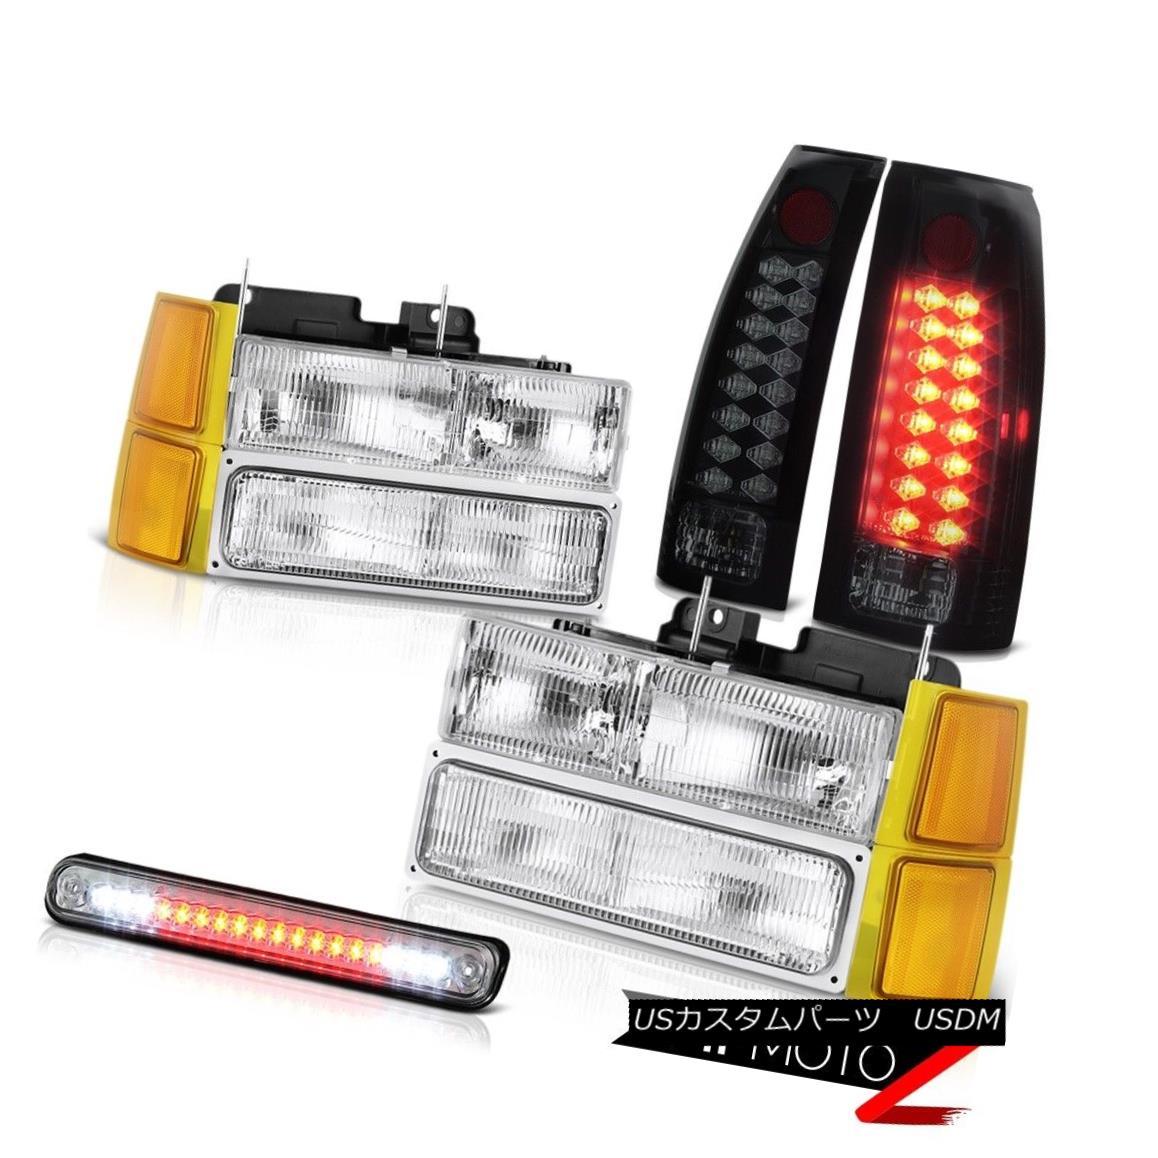 ヘッドライト 94 95 96 97 98 Chevy K1500 Headlights corner 3rd brake lamp rear Lights Assembly 94 95 96 97 98 Chevy K1500ヘッドライトコーナー第3ブレーキランプリアライトアセンブリ